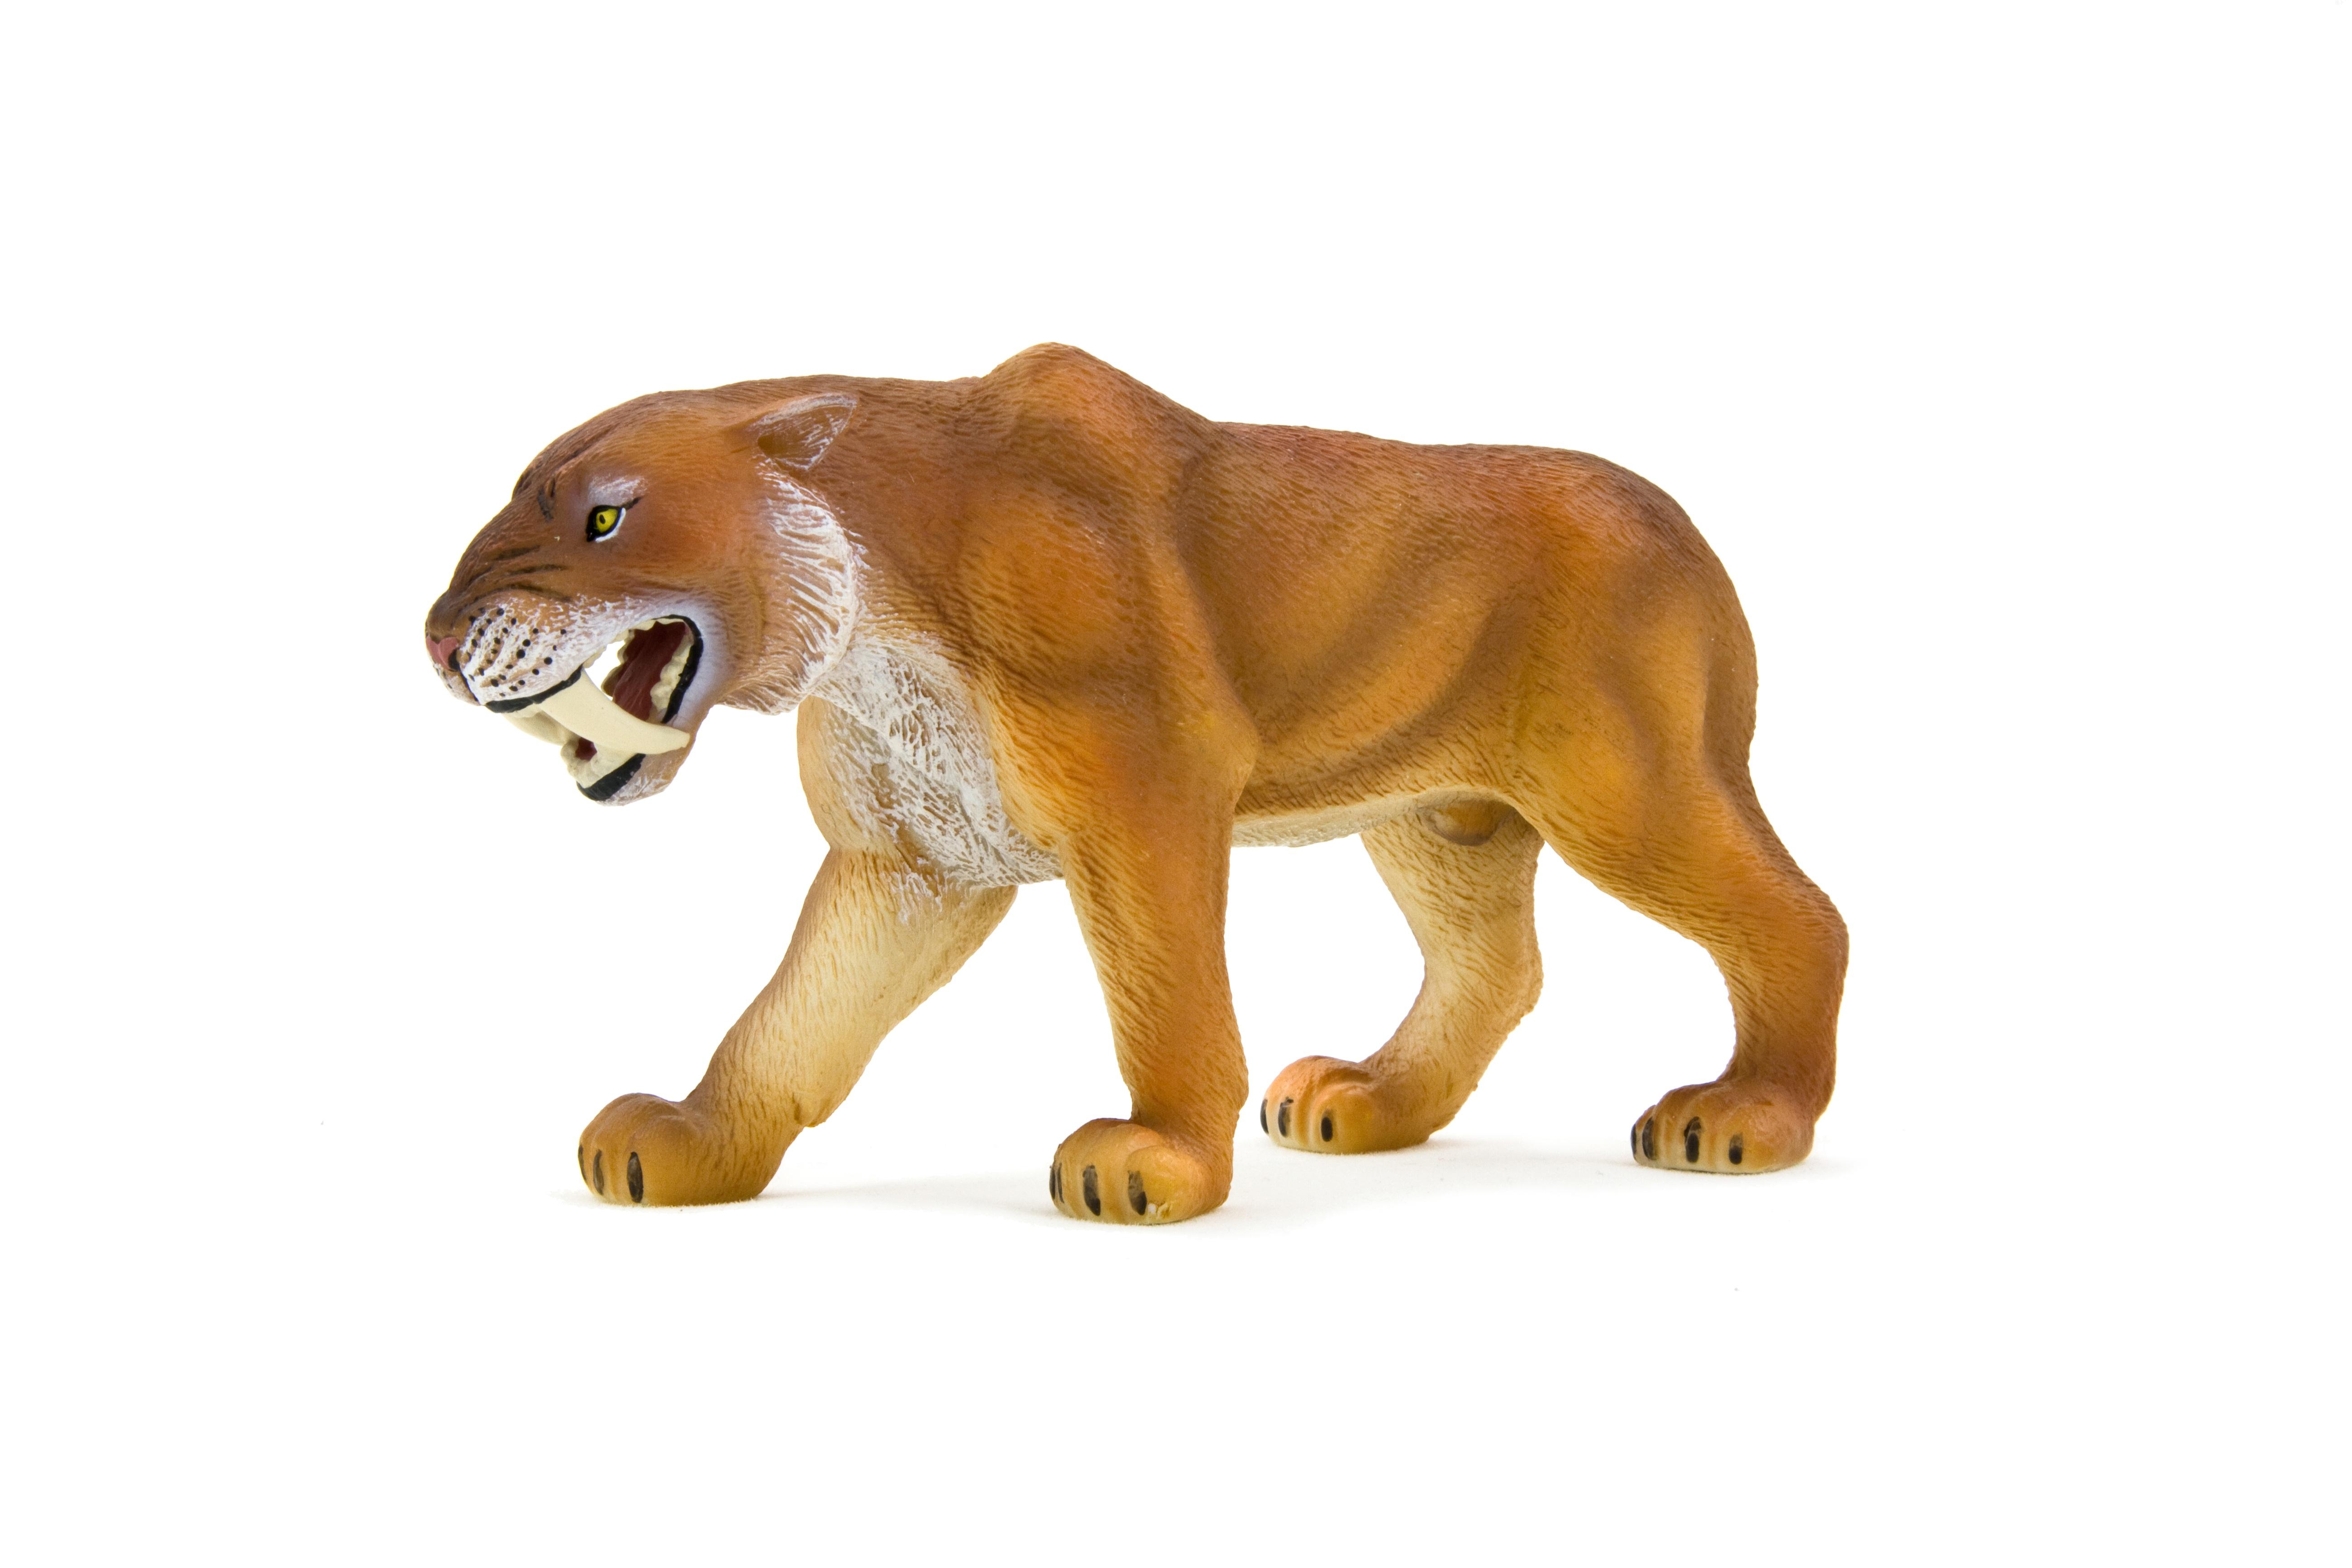 Саблезубая кошка, 12 смДикая природа (Wildlife)<br>Саблезубая кошка, 12 см<br>